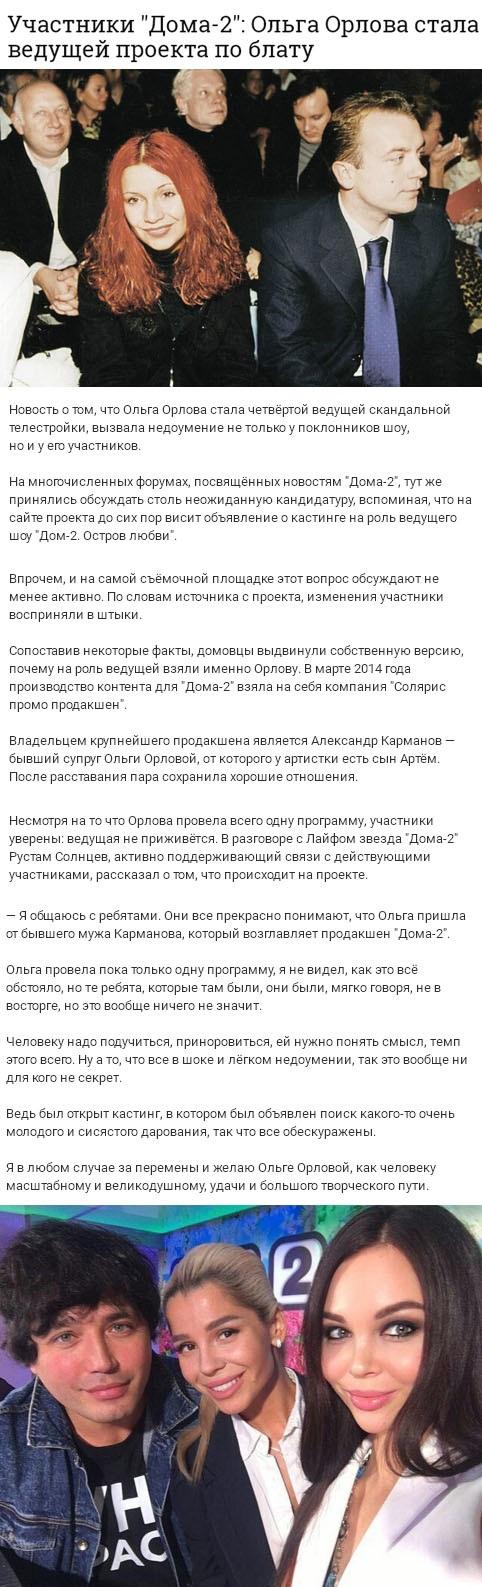 Благодаря кому Ольга Орлова получила должность ведущей Дома-2